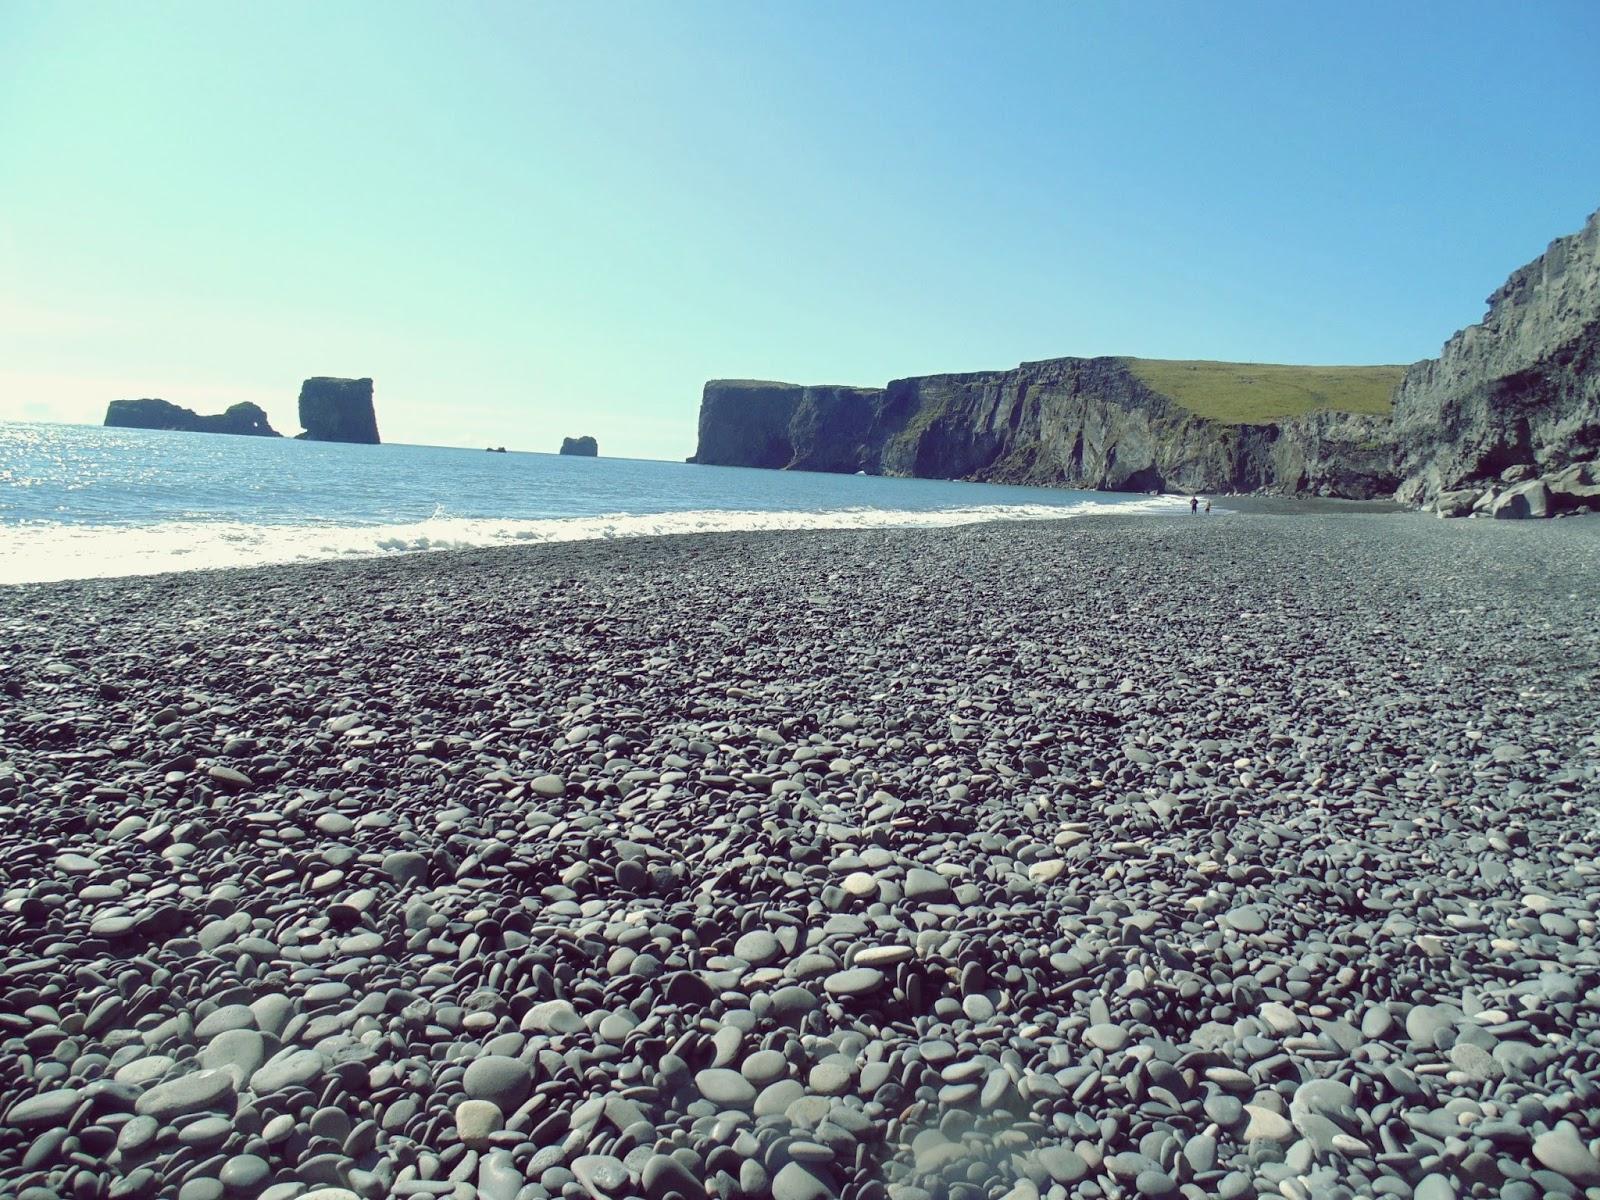 Islandzka plaża, Islandia, plaża, czarna plaża, kamienista plaża, powiedzenia, znajdę Cię na plaży, ocean, skały